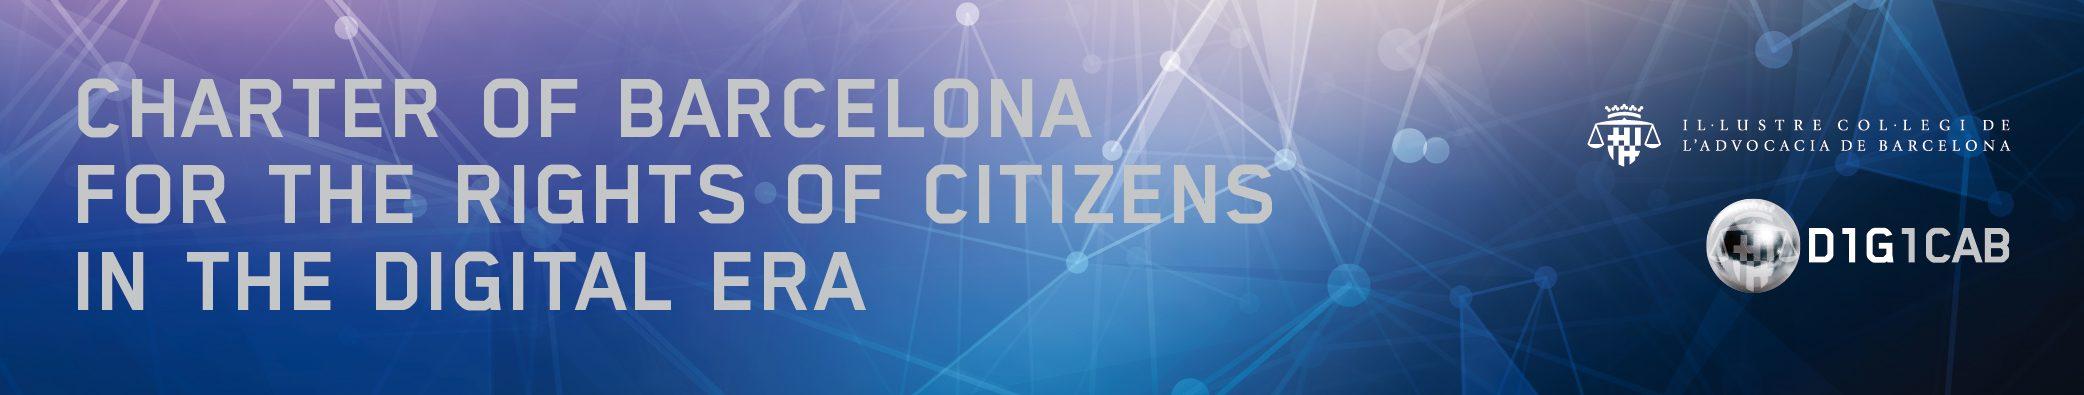 Digital Rights Barcelona. Carta de Barcelona pels Drets Digitals de la Ciutadania en l'Era Digital